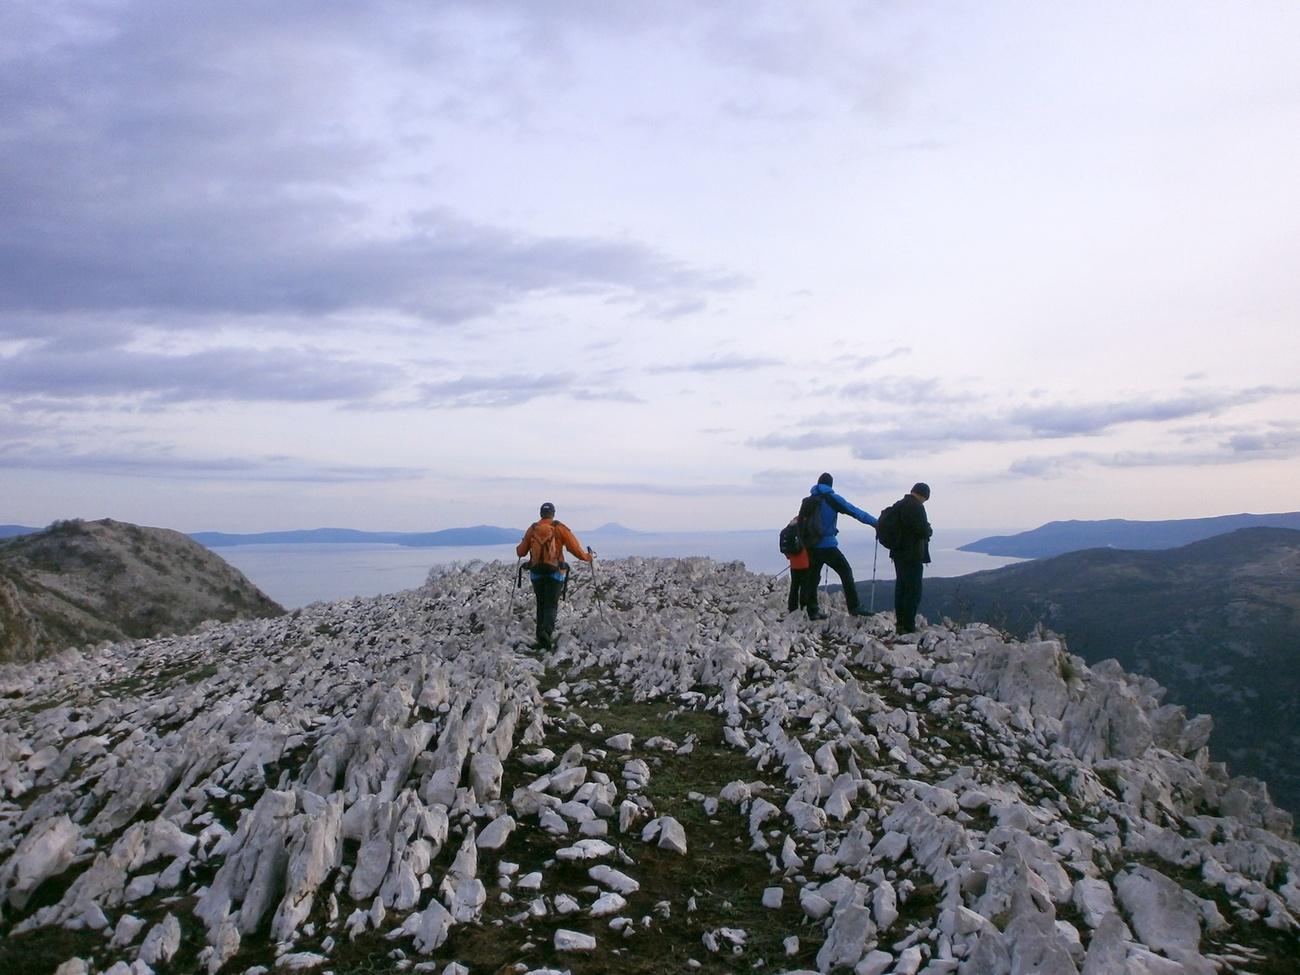 Plominska gora